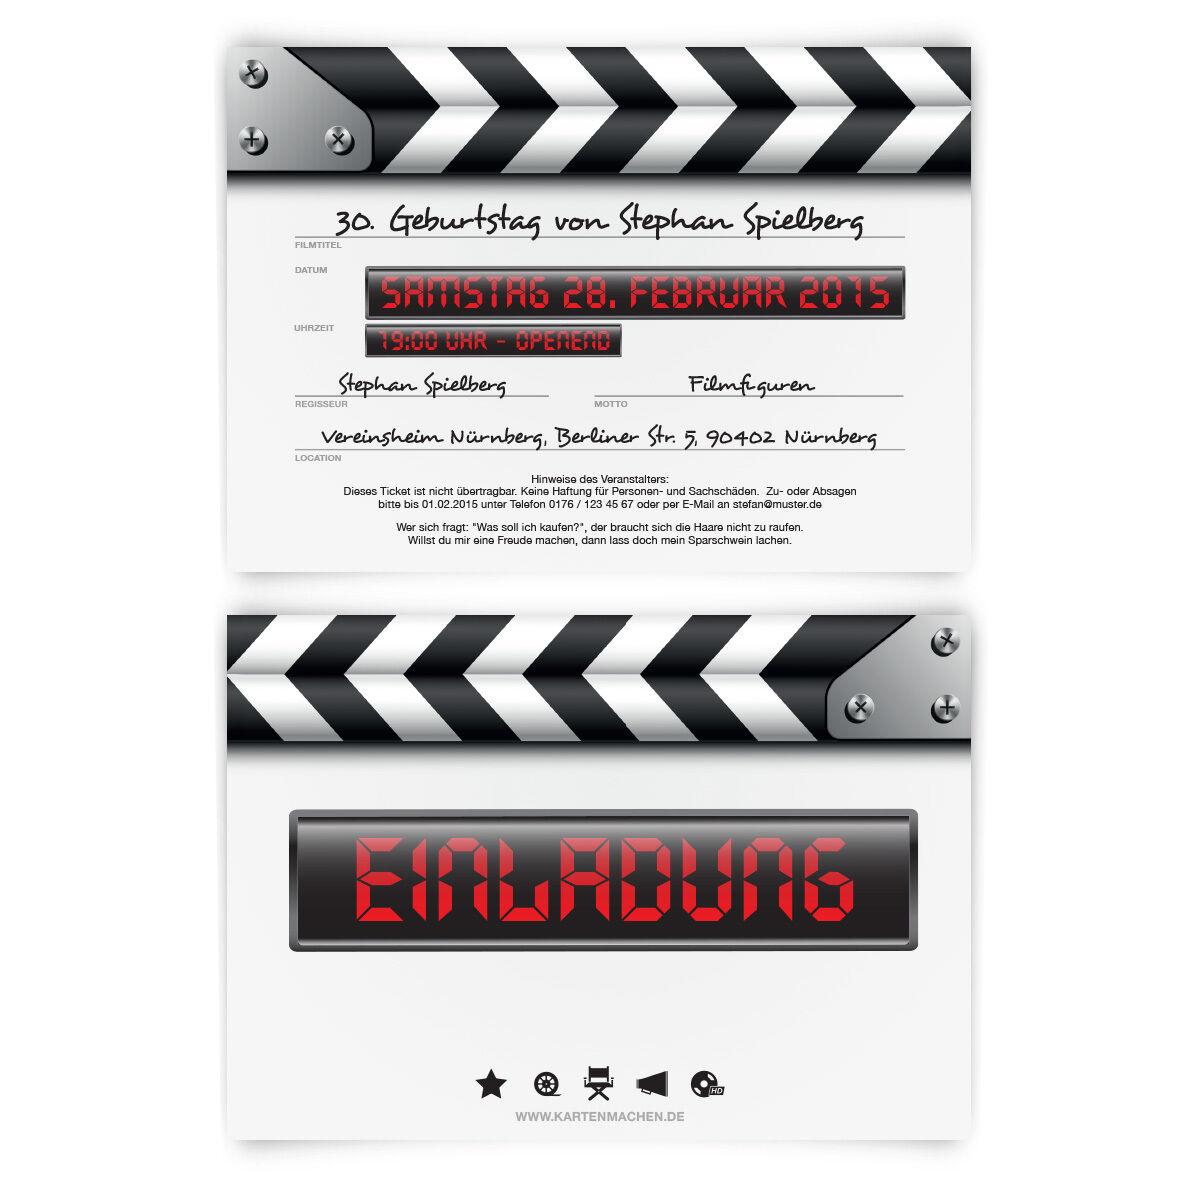 Einladungskarten zum Geburtstag als Filmklappe Film Kino Movie Regisseur | Niedriger Preis und gute Qualität  | Schön und charmant